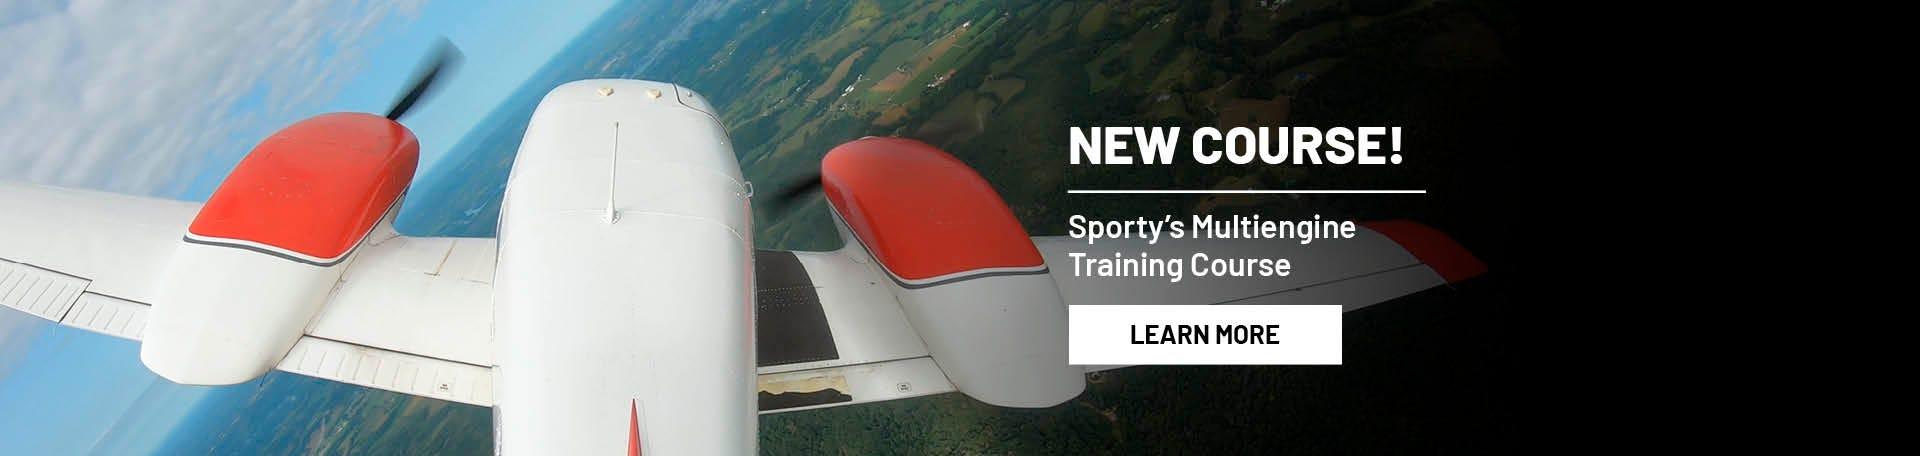 Multi Engine Course